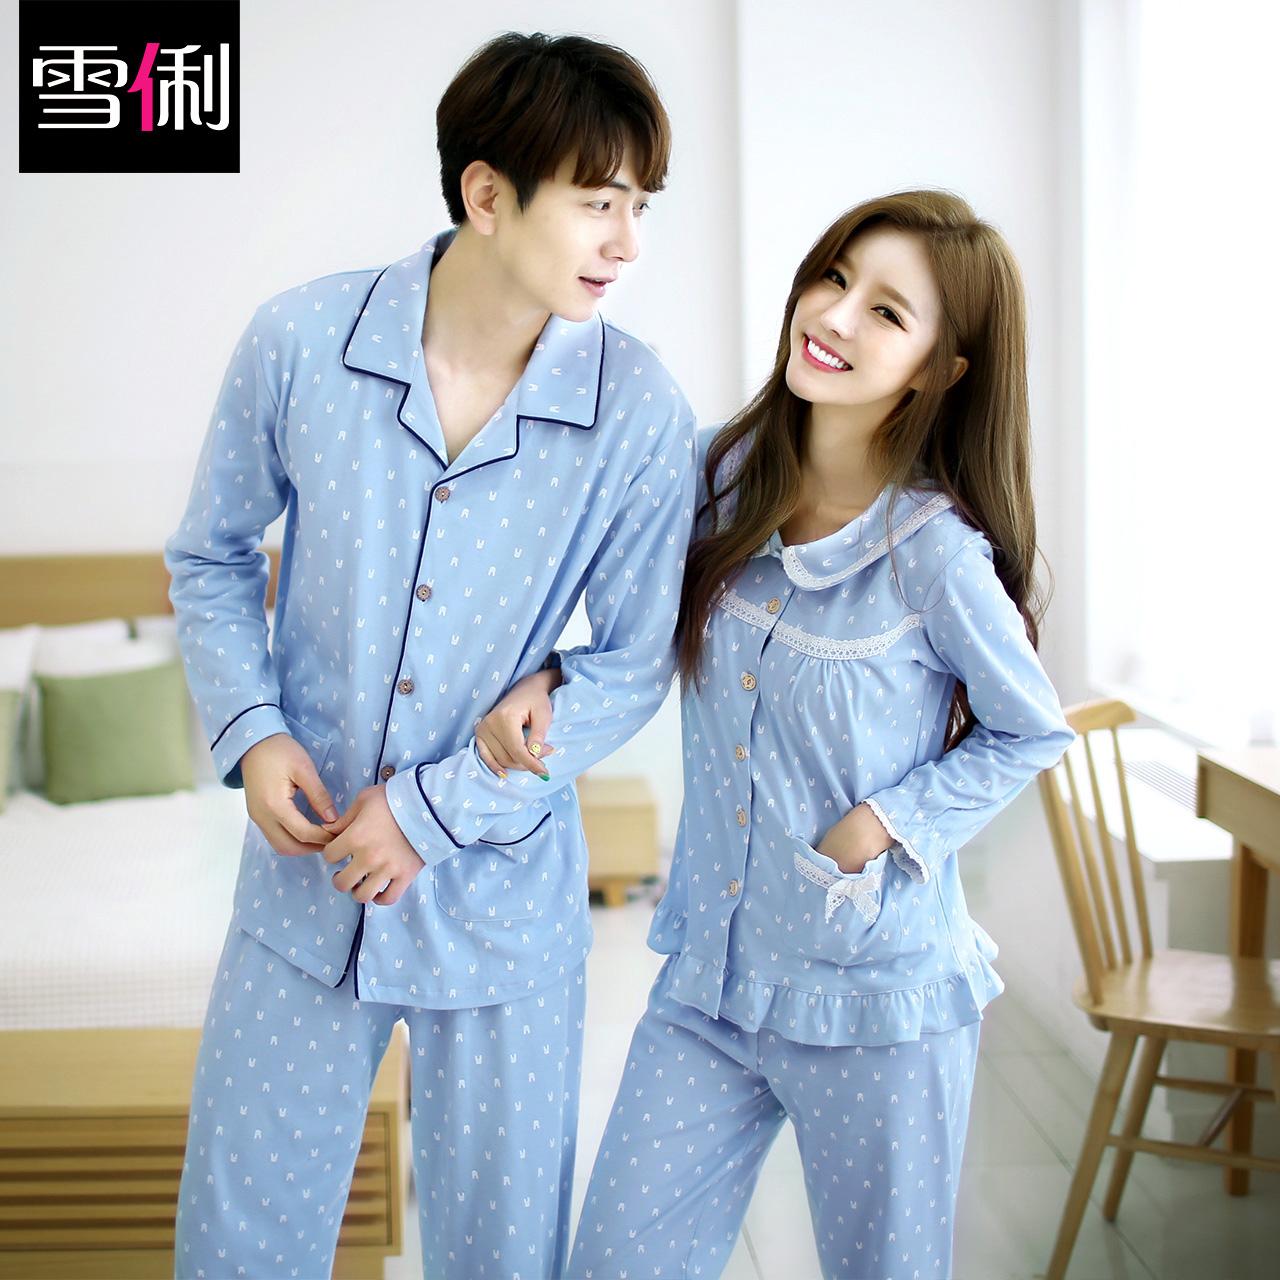 雪俐韩版情侣睡衣家居服男女长袖夏秋冬季纯色棉质可爱居家服套装